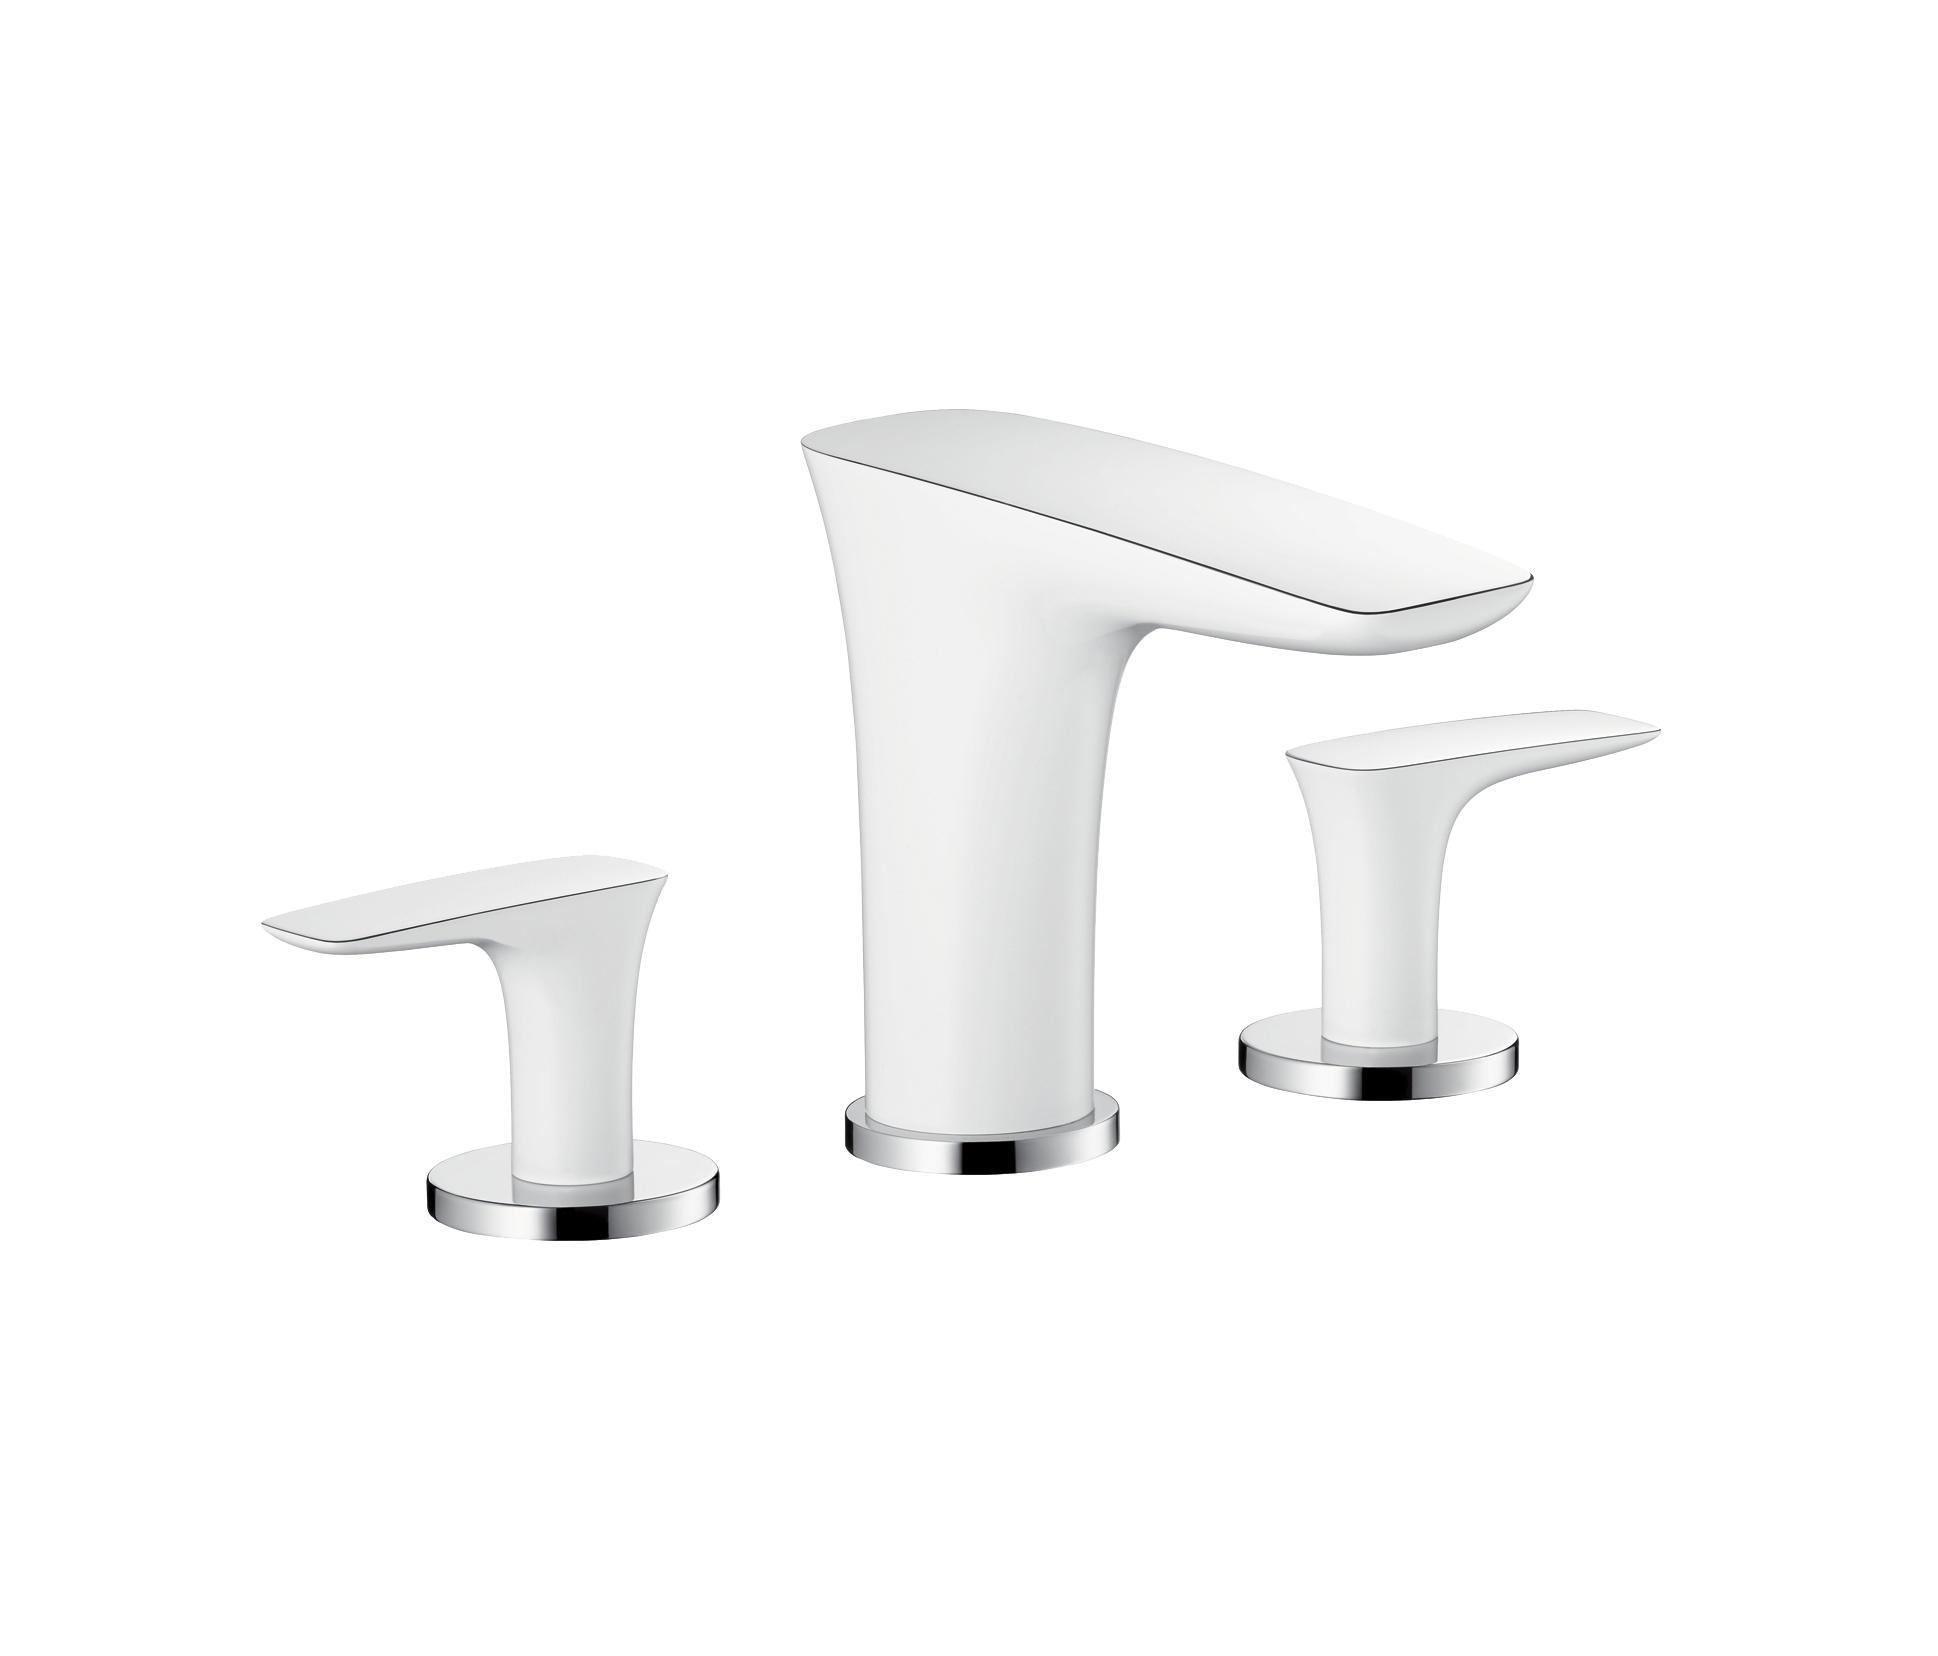 hansgrohe puravida m langeur de lavabo 3 trous robinetterie pour lavabo de hansgrohe architonic. Black Bedroom Furniture Sets. Home Design Ideas